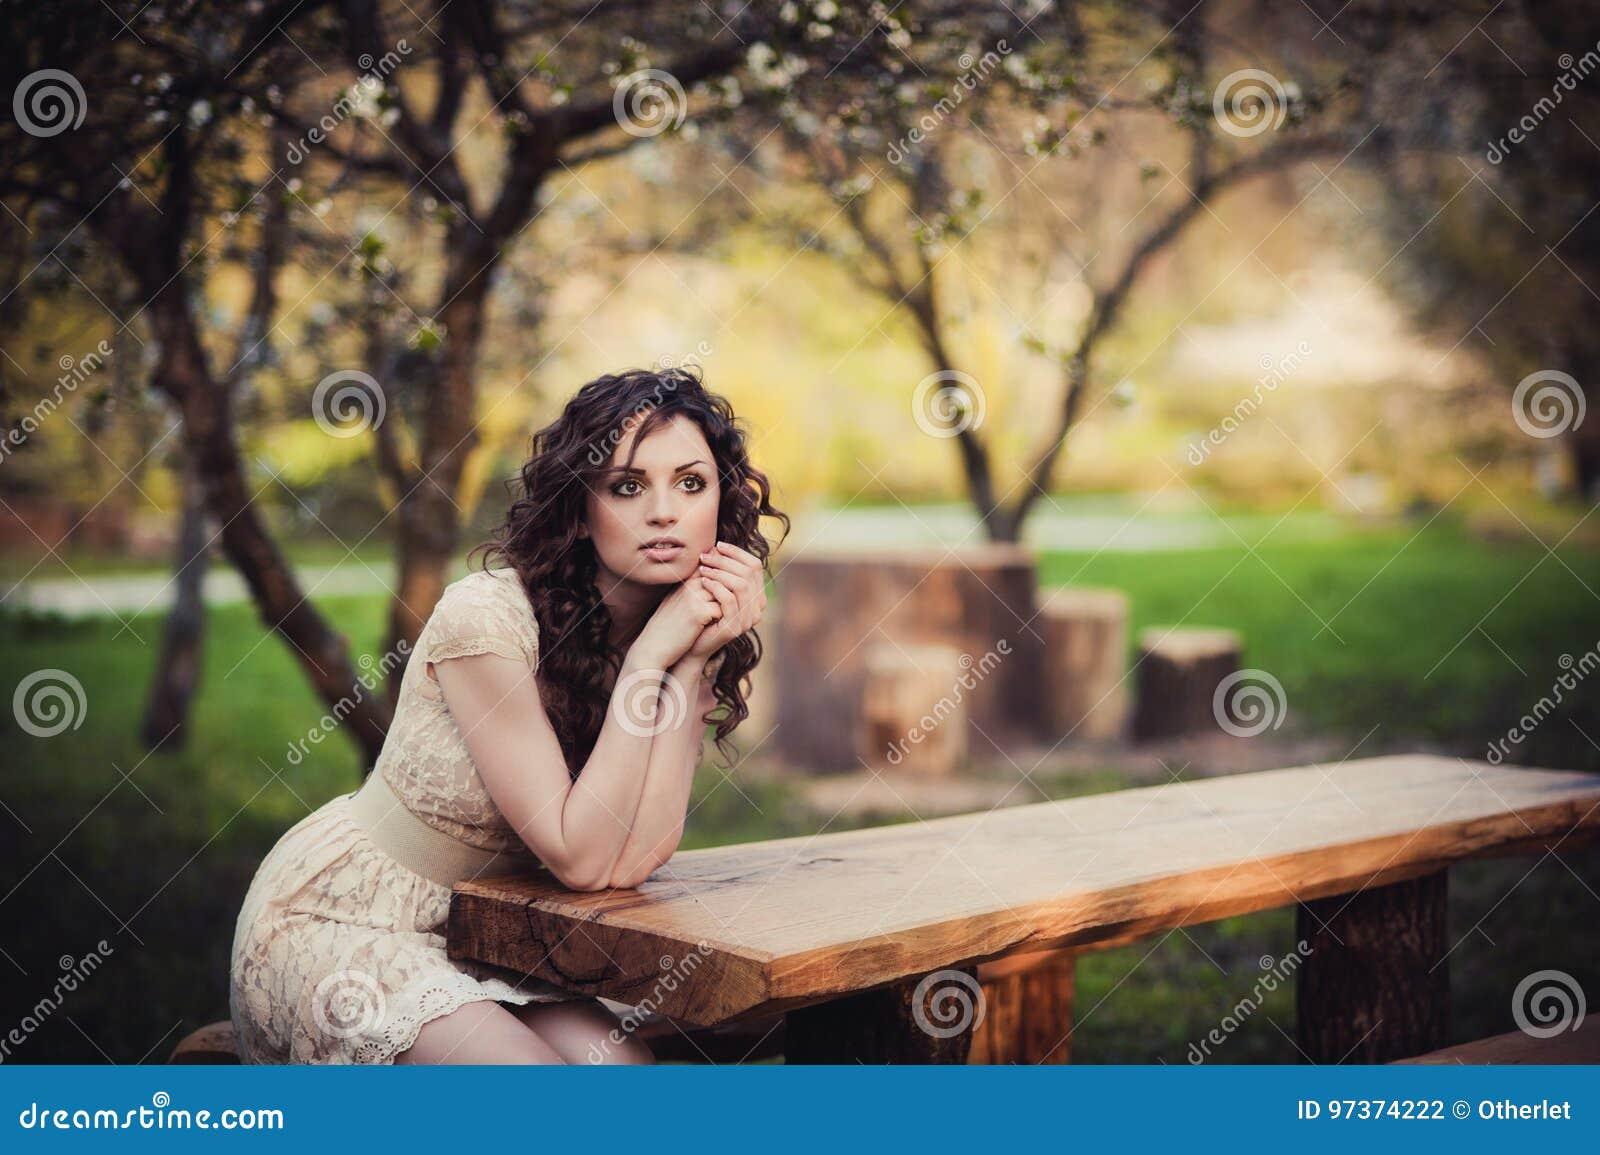 Ragazza castana dagli occhi castani che si siede su un banco